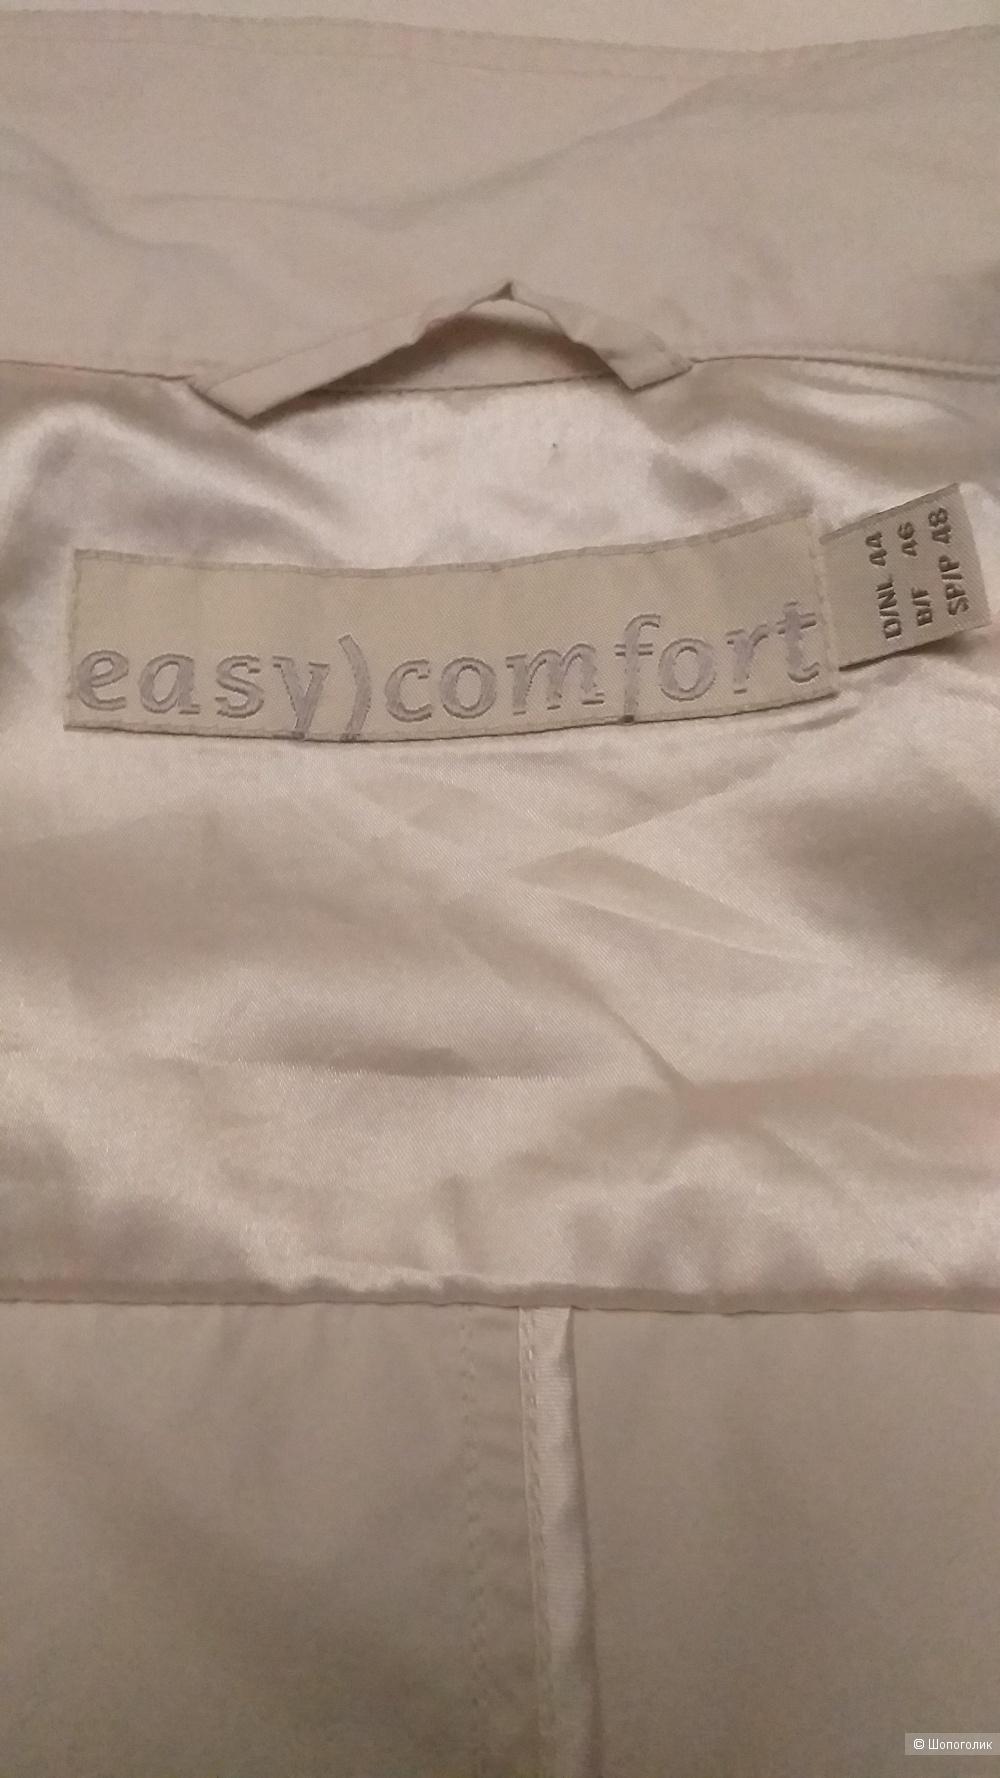 Ветровка Easy) comfort, р. 50